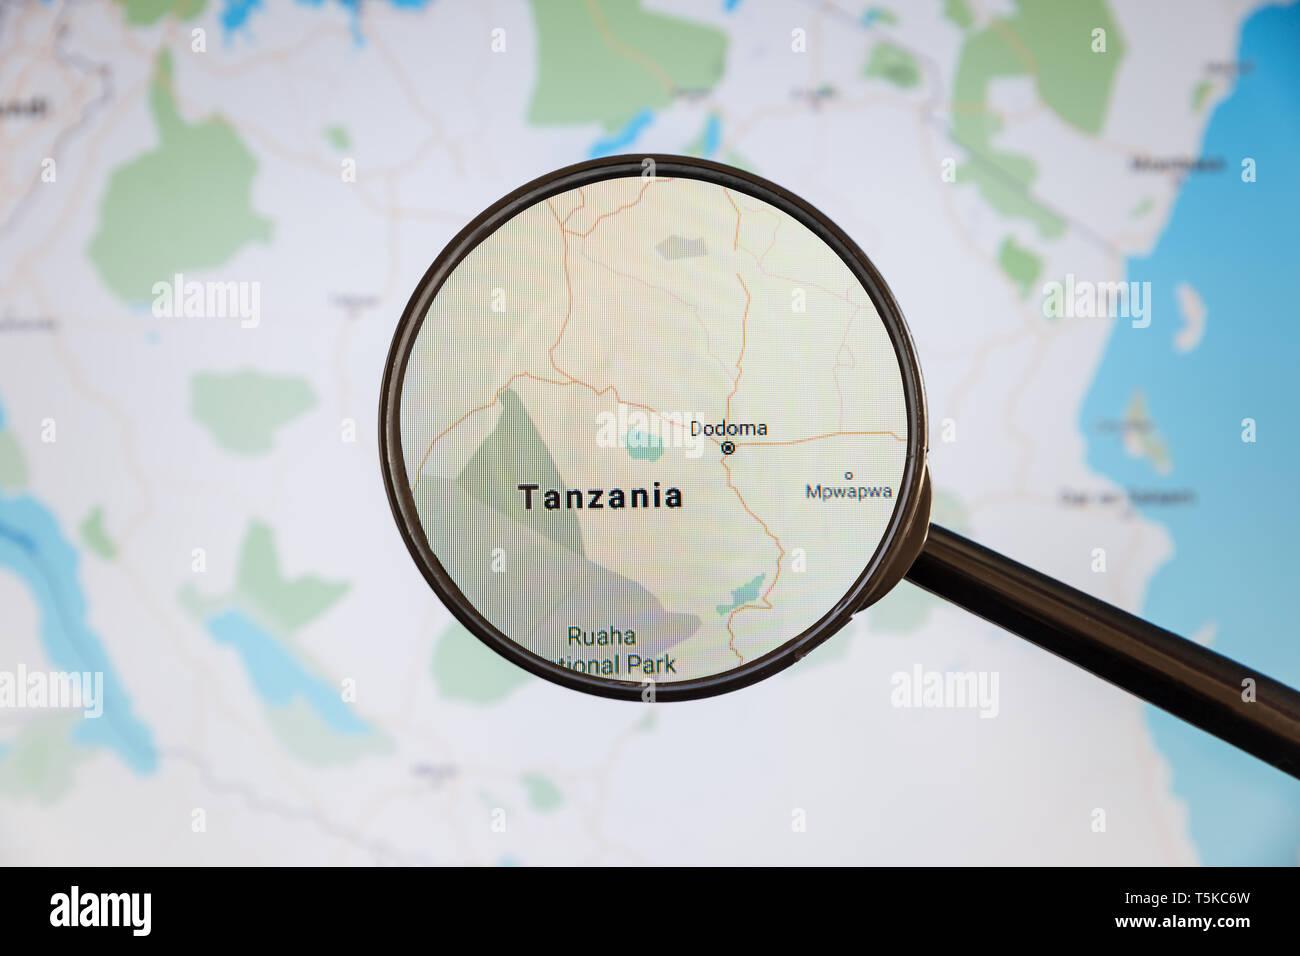 Dodoma, Tanzania. Mapa político. Ciudad concepto ilustrativa de visualización en la pantalla a través de una lupa. Foto de stock